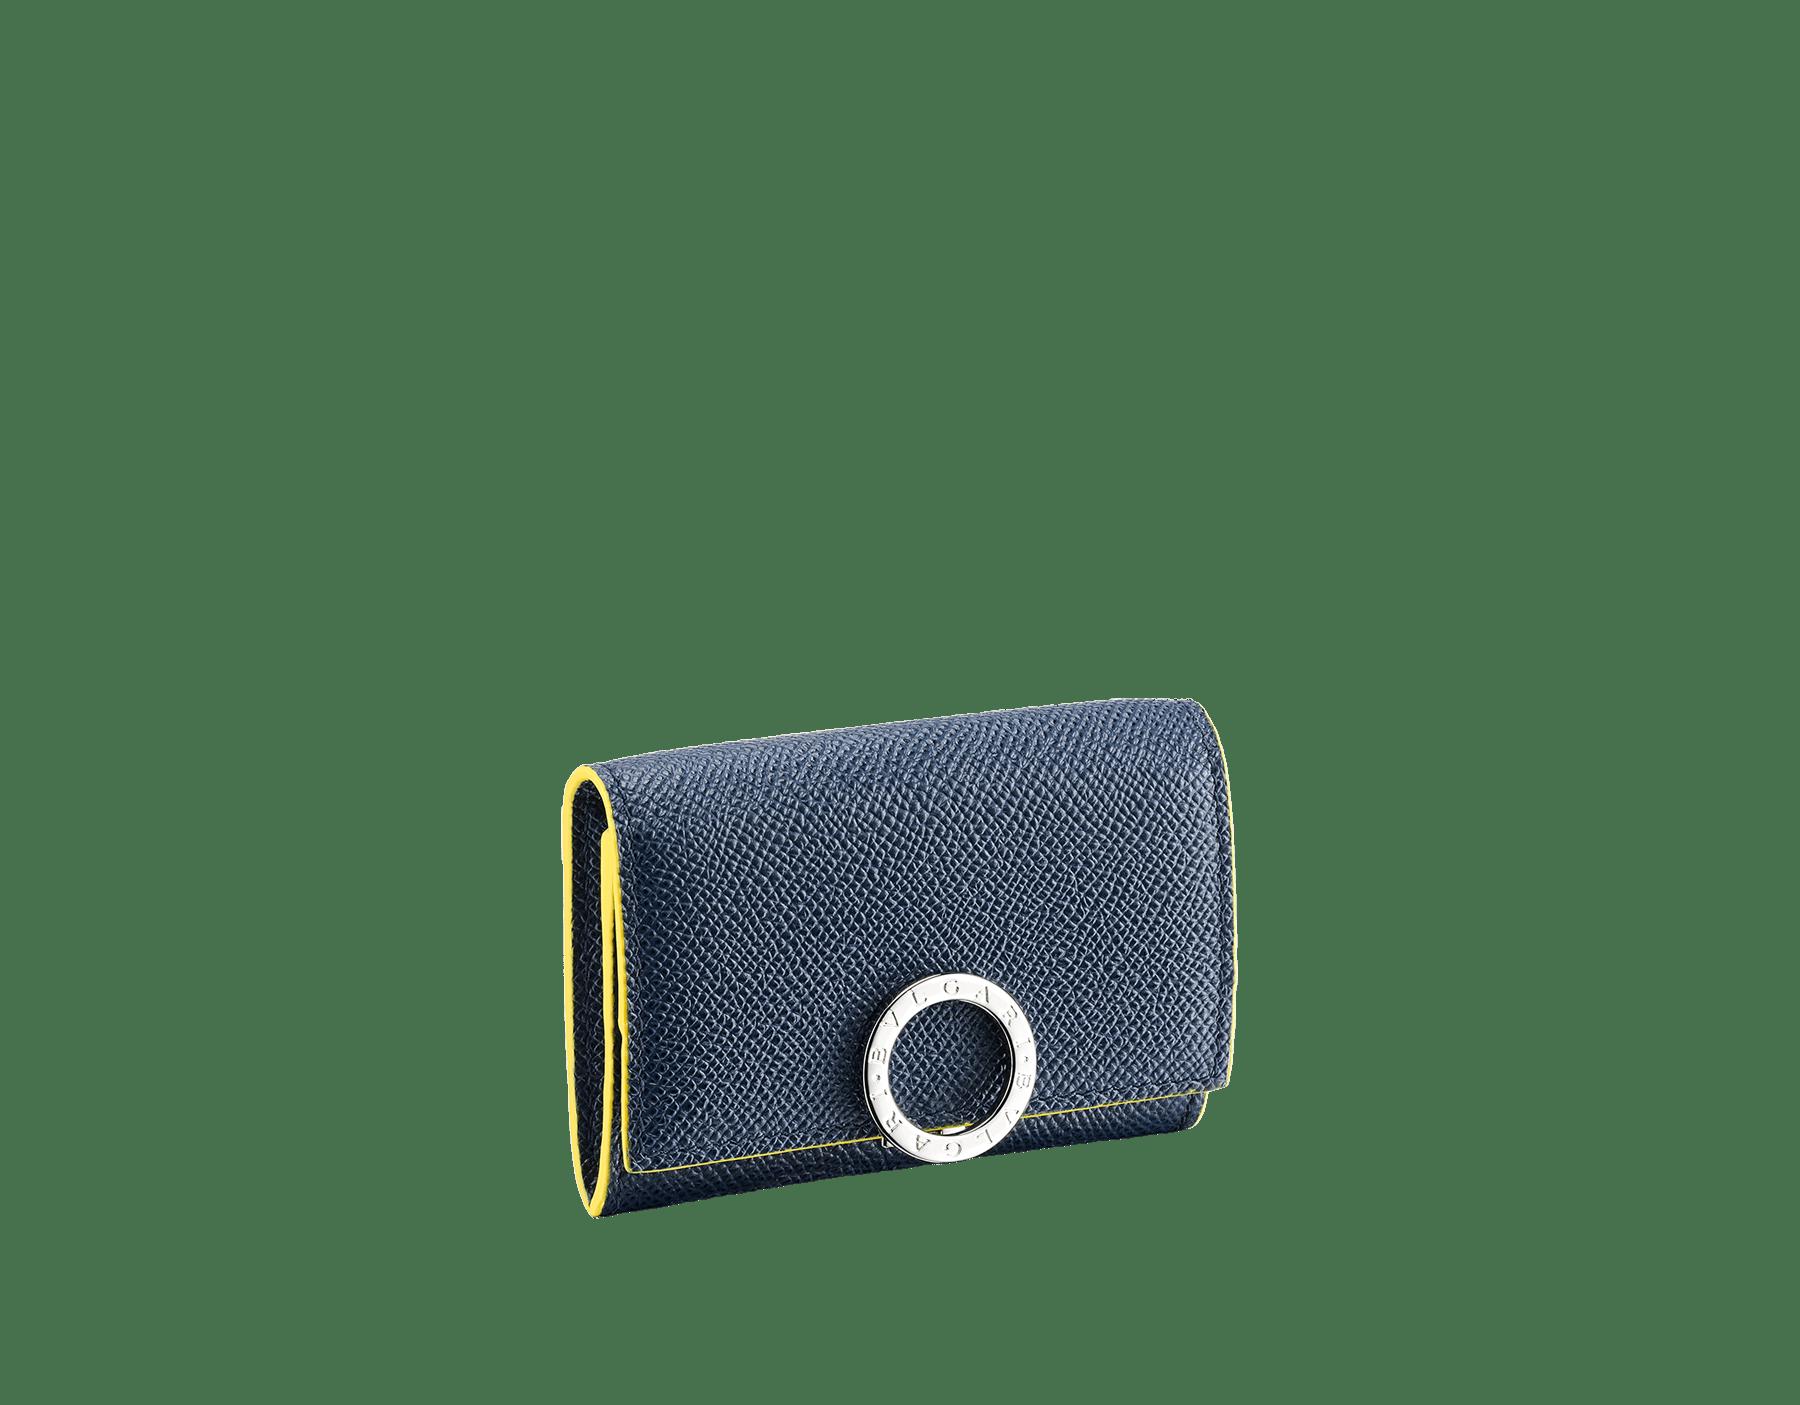 Porte-monnaie BVLGARIBVLGARI en cuir de veau grainé couleur Denim Sapphire et Daisy Topaz avec doublure en moire bleu marine foncé. Fermoir emblématique orné du logo Bvlgari en laiton. 289859 image 1